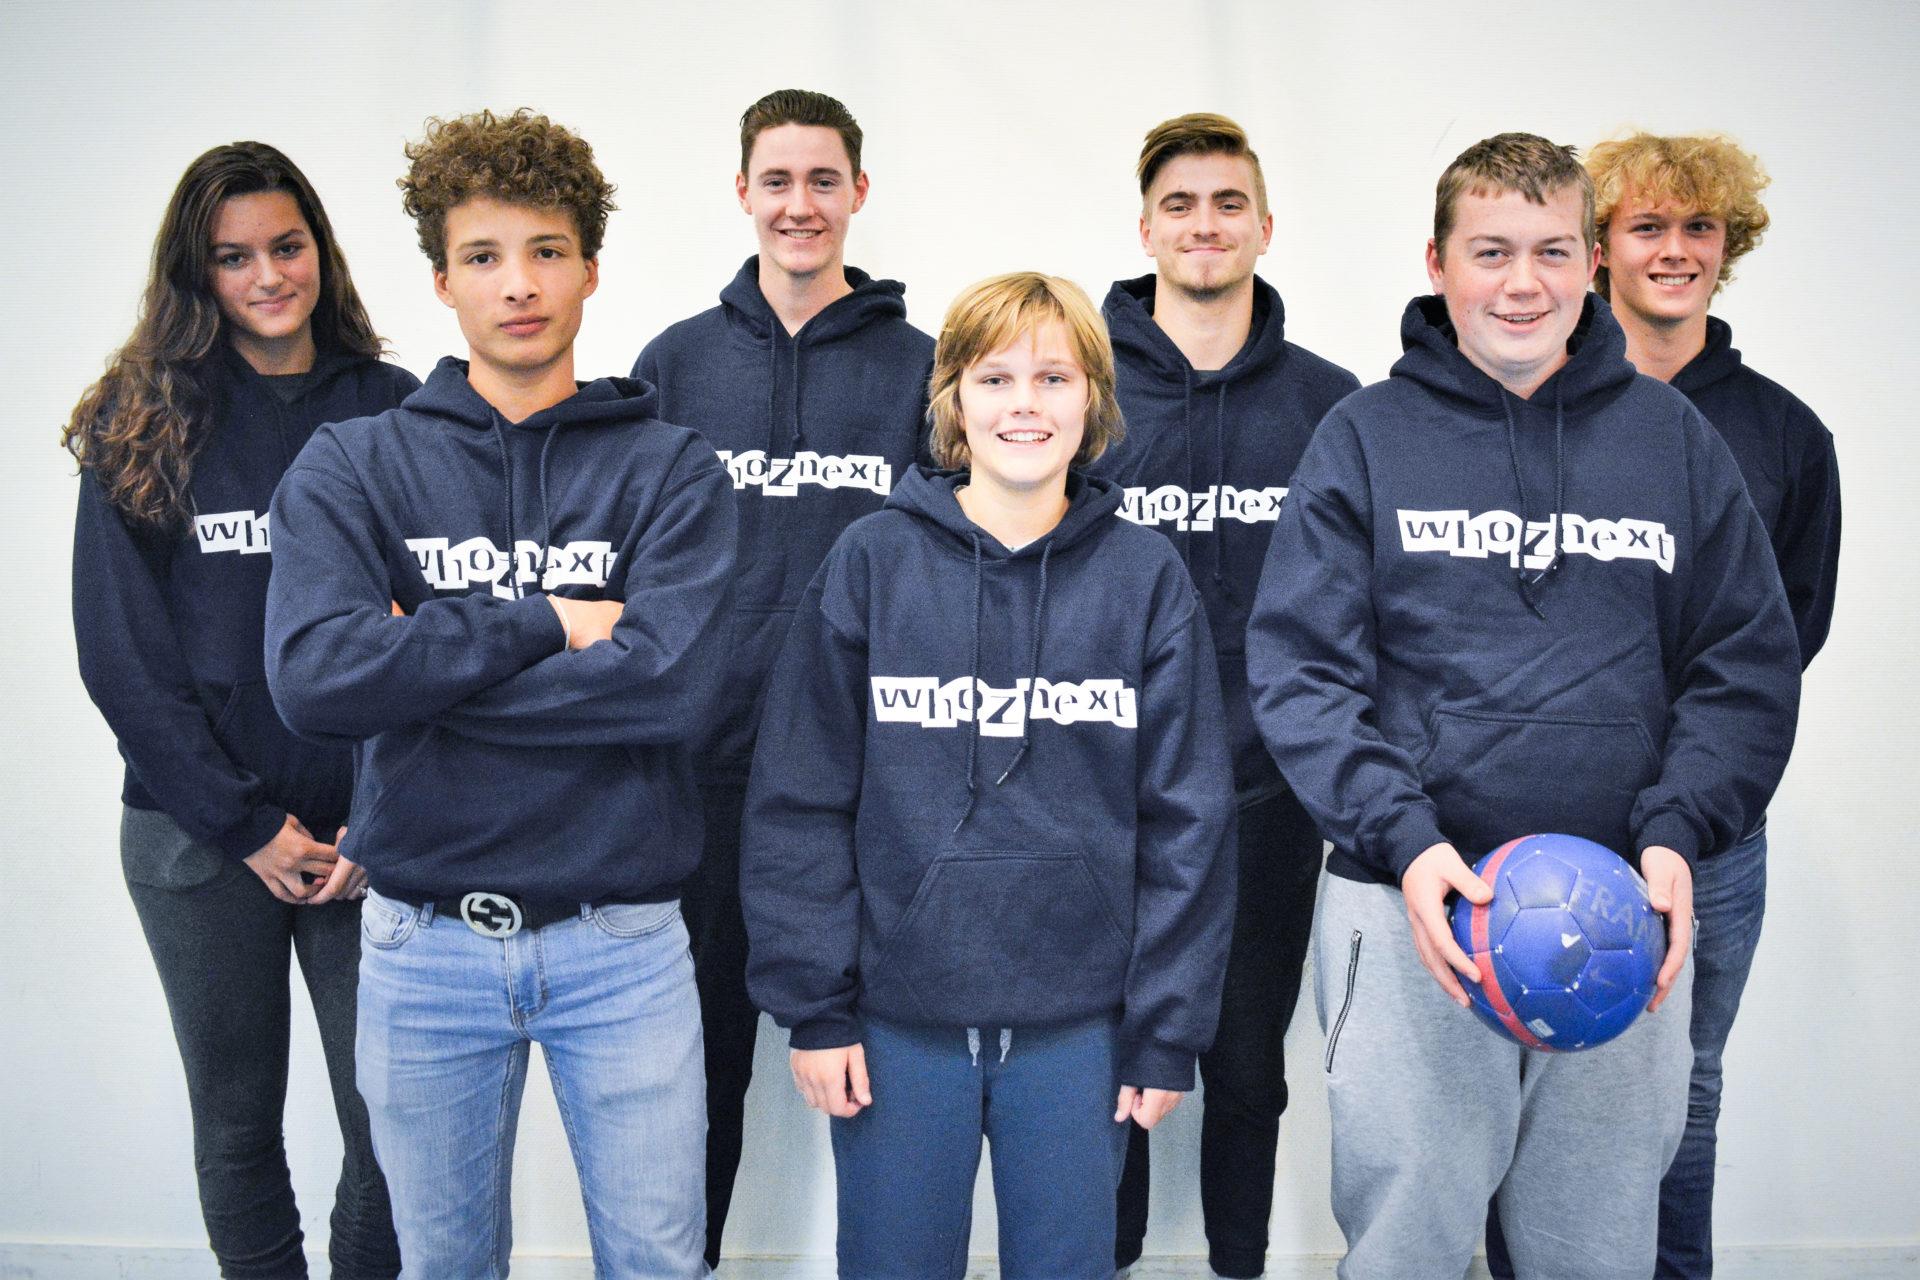 Met WhoZnext geeft Team Sportservice jongeren tussen de 13 en 20 jaar de mogelijkheid invloed uit te oefenen op de activiteiten bij hun sportvereniging.